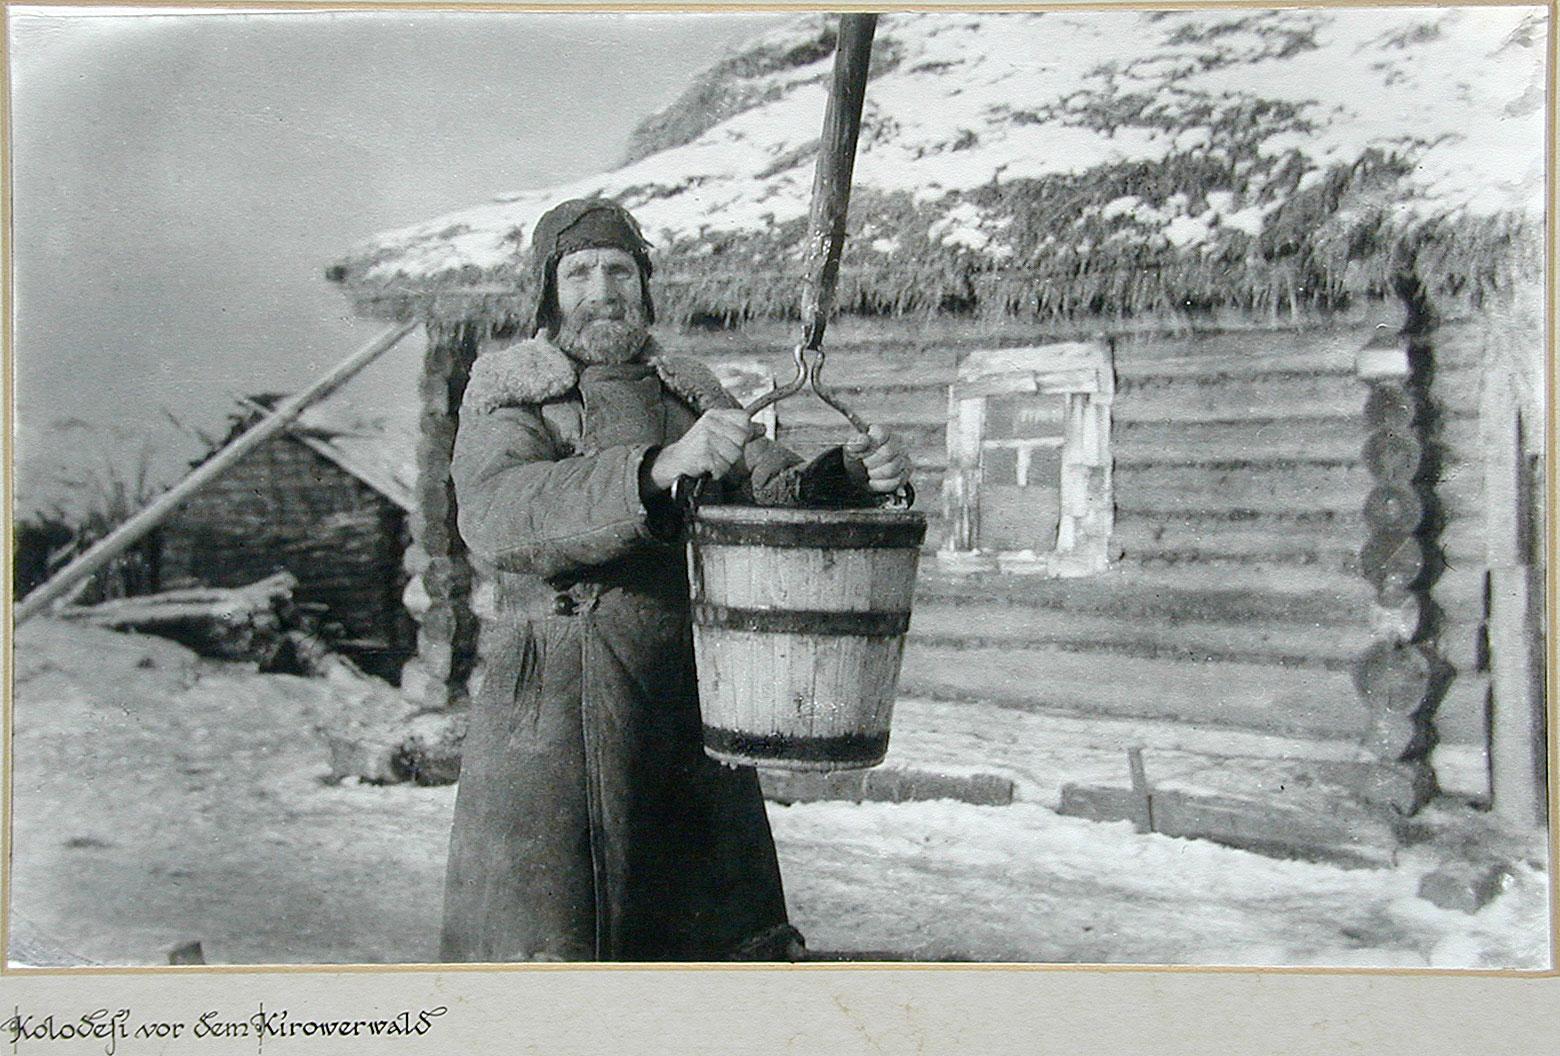 Оккупированный белгород: немцы и местные, 1943 год (105 фотографий)